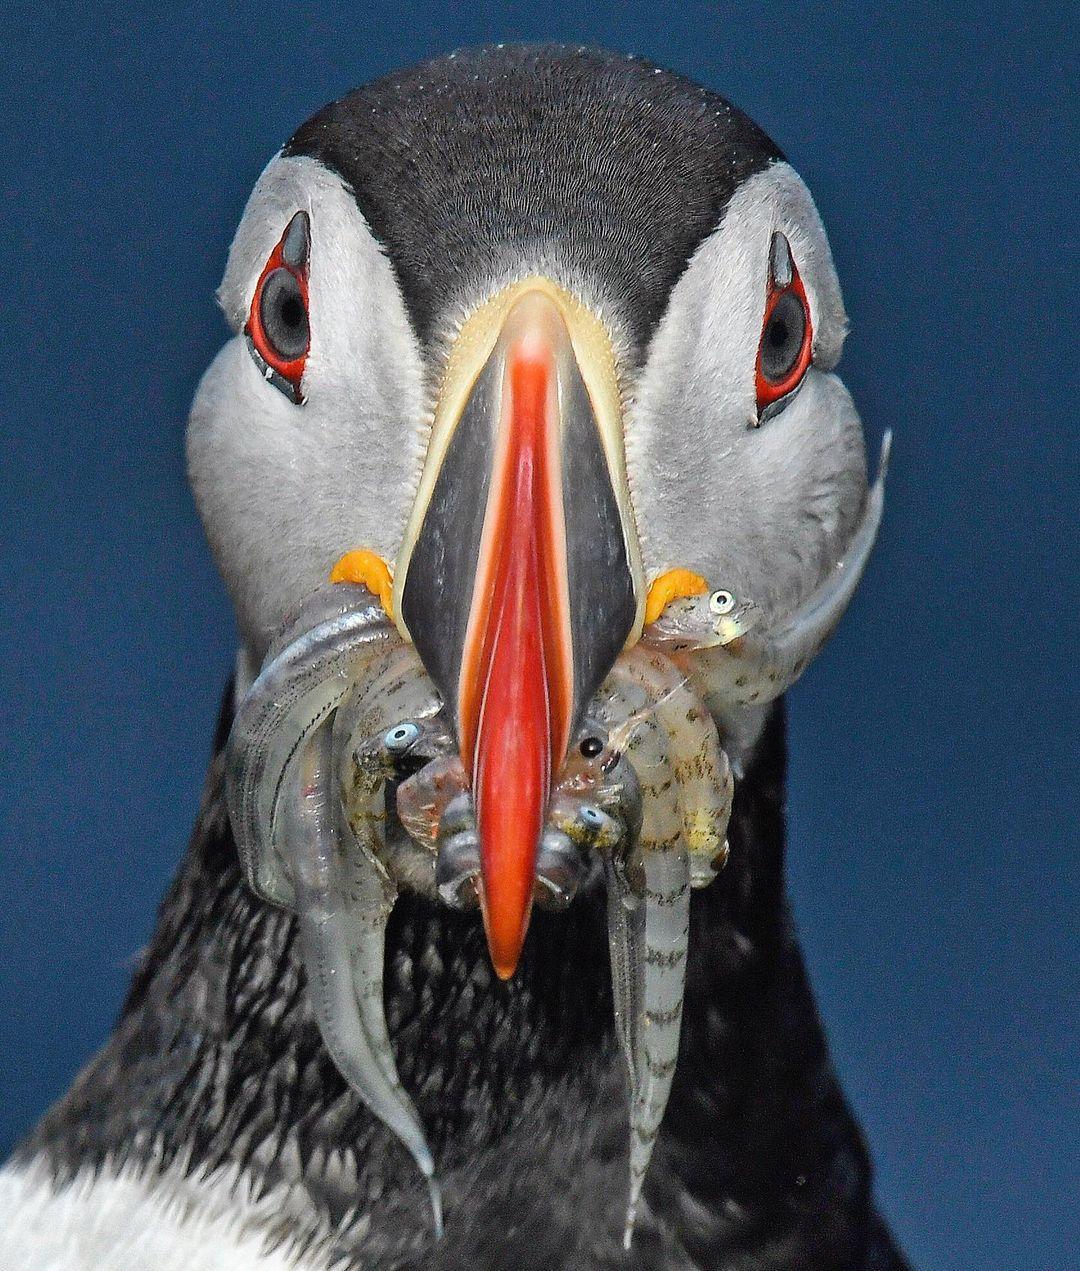 Природа и животные на снимках из путешествий Томаса Пескака